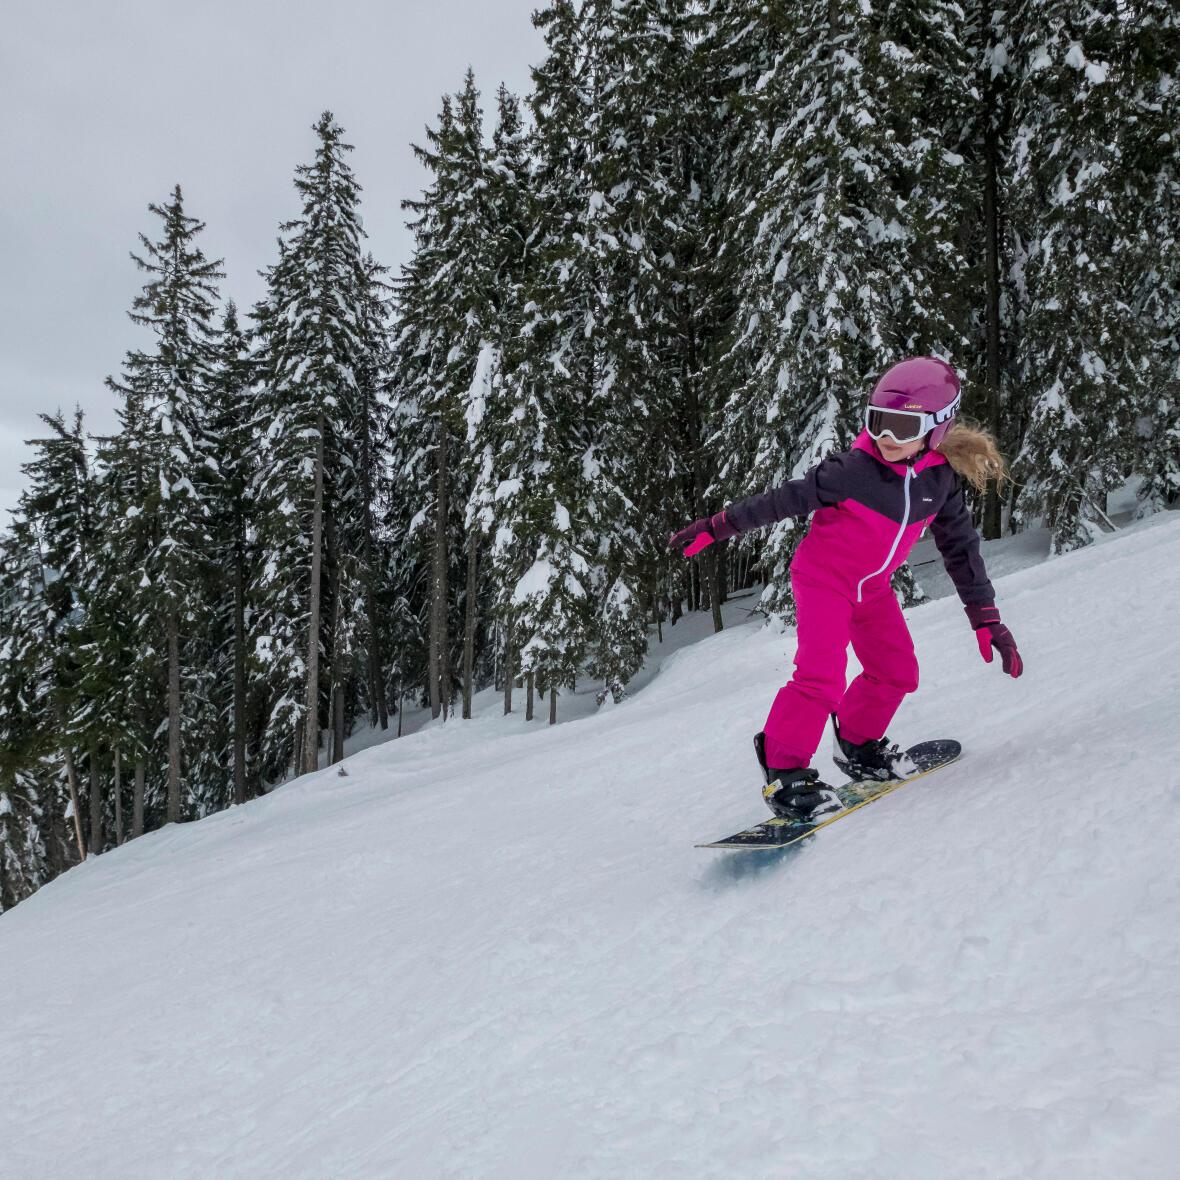 snowboard girl kids